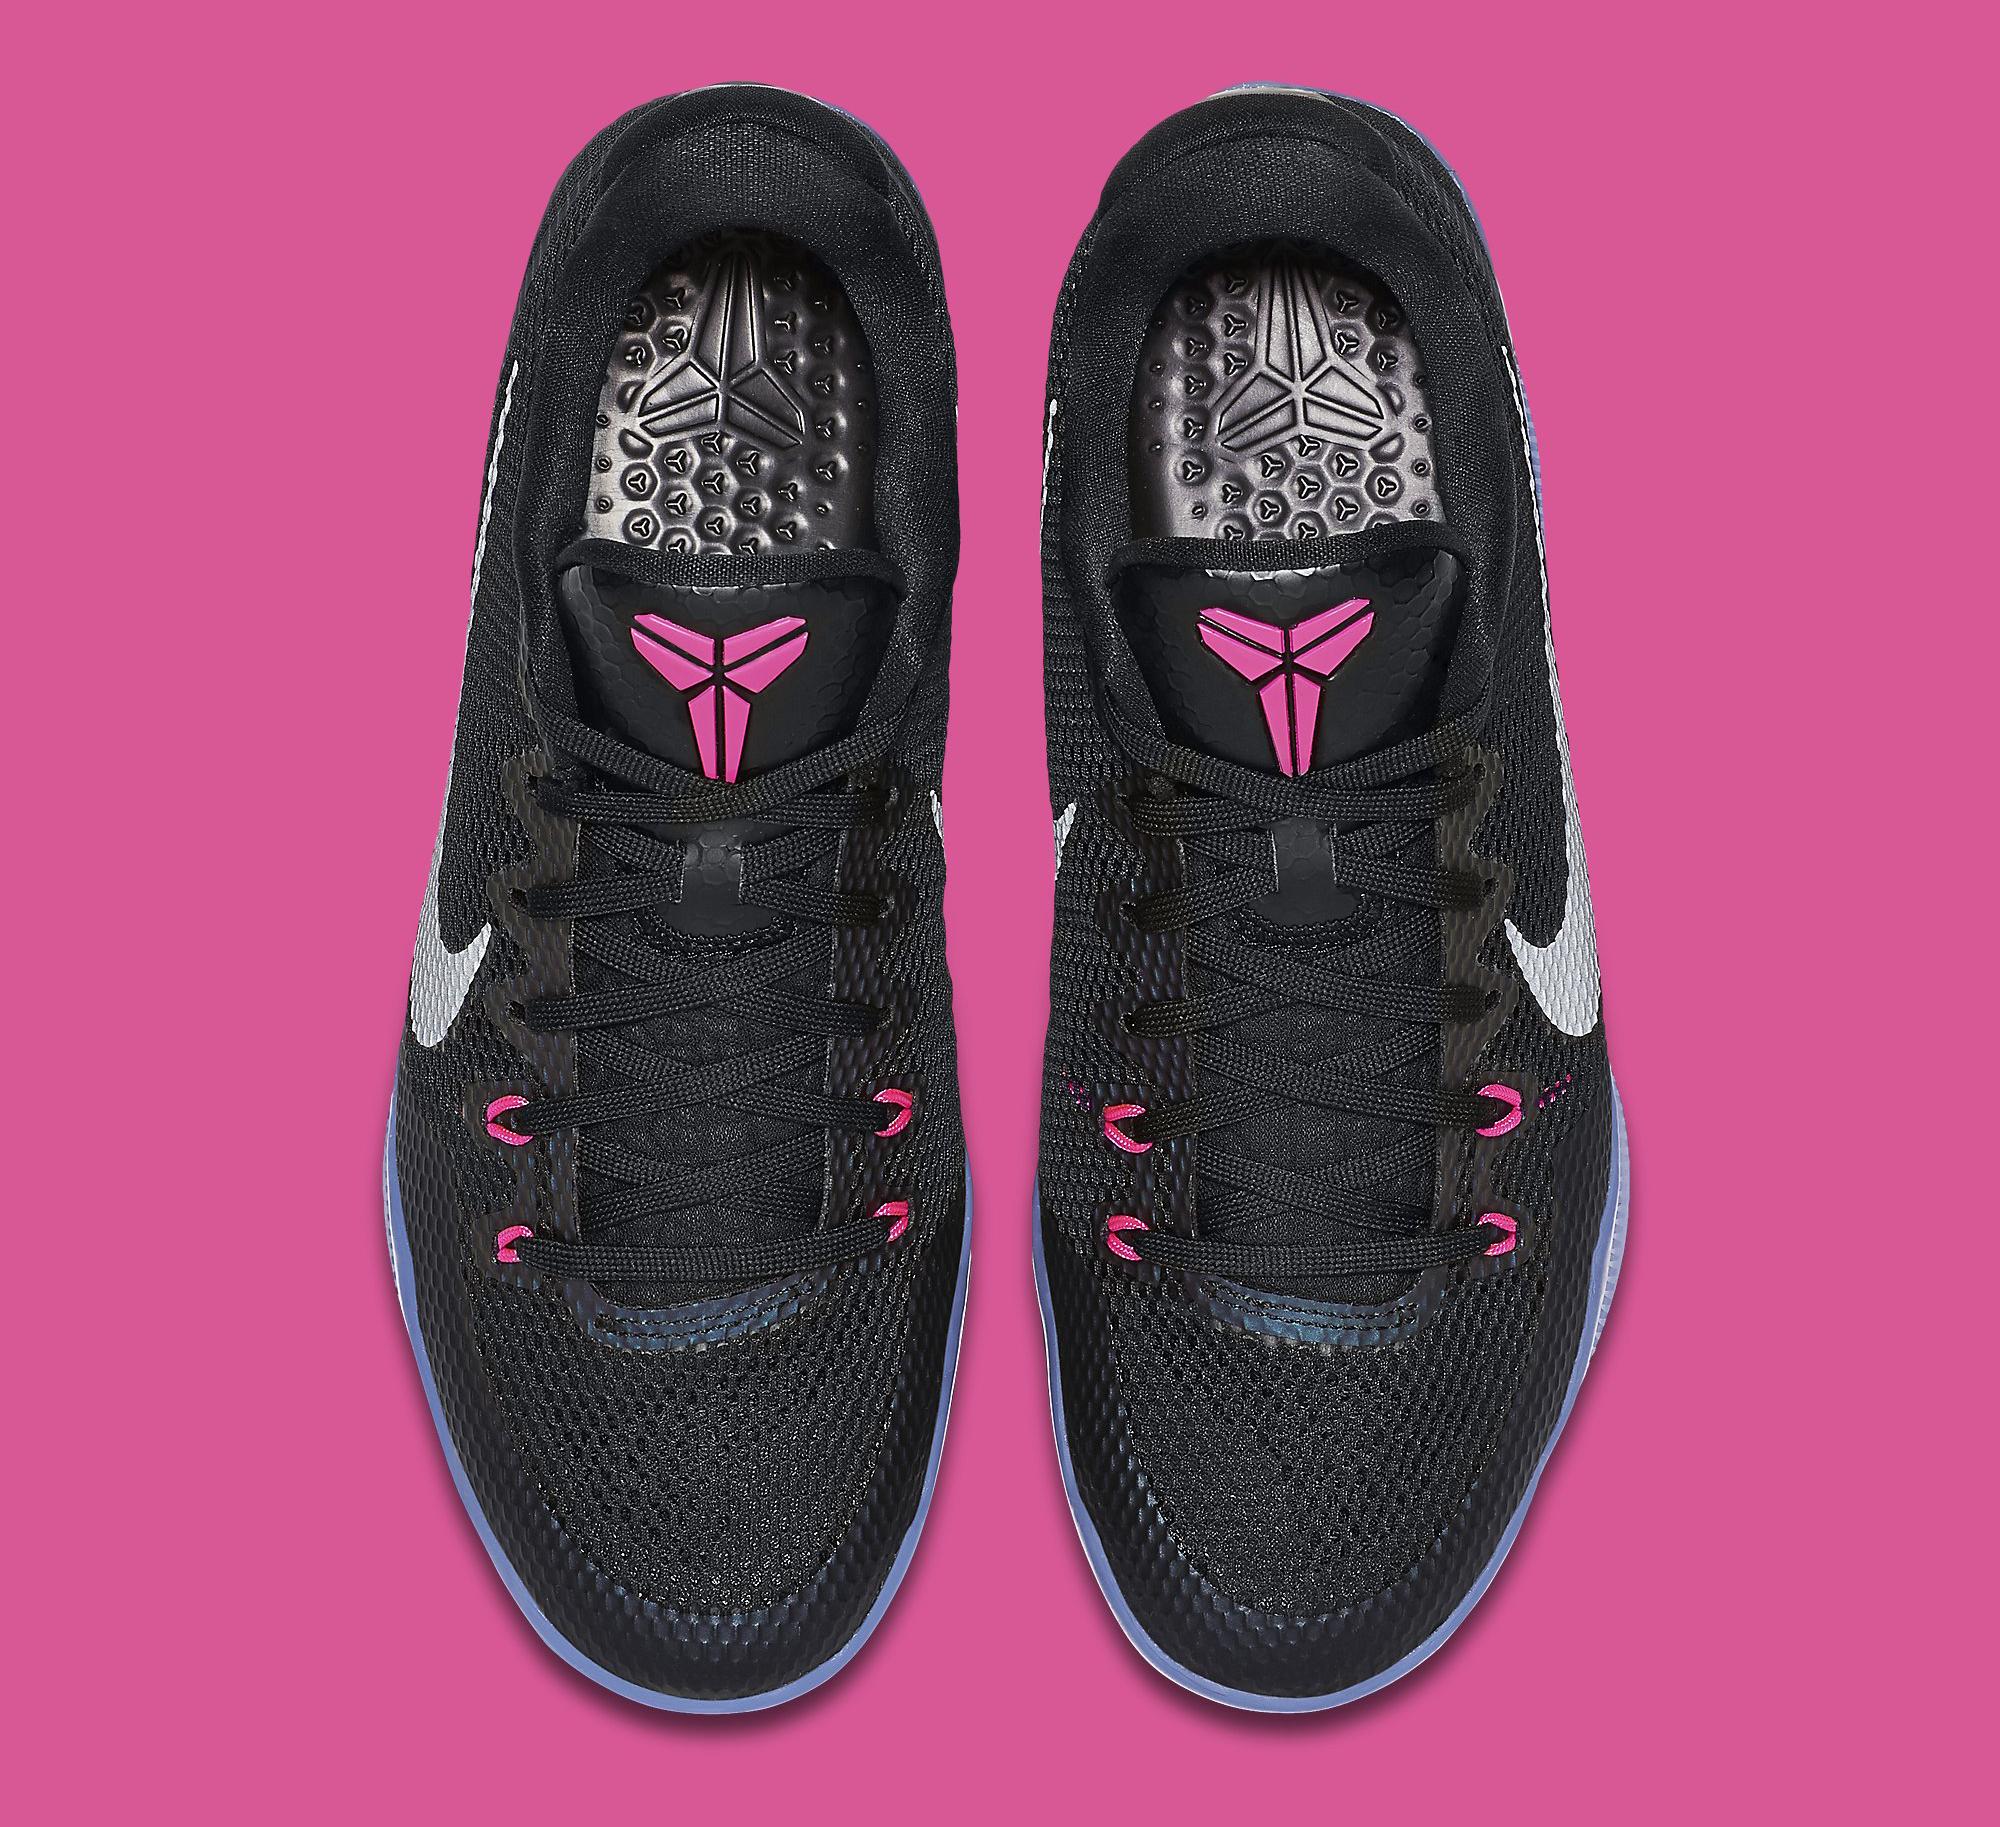 nike kobe 11 black pink